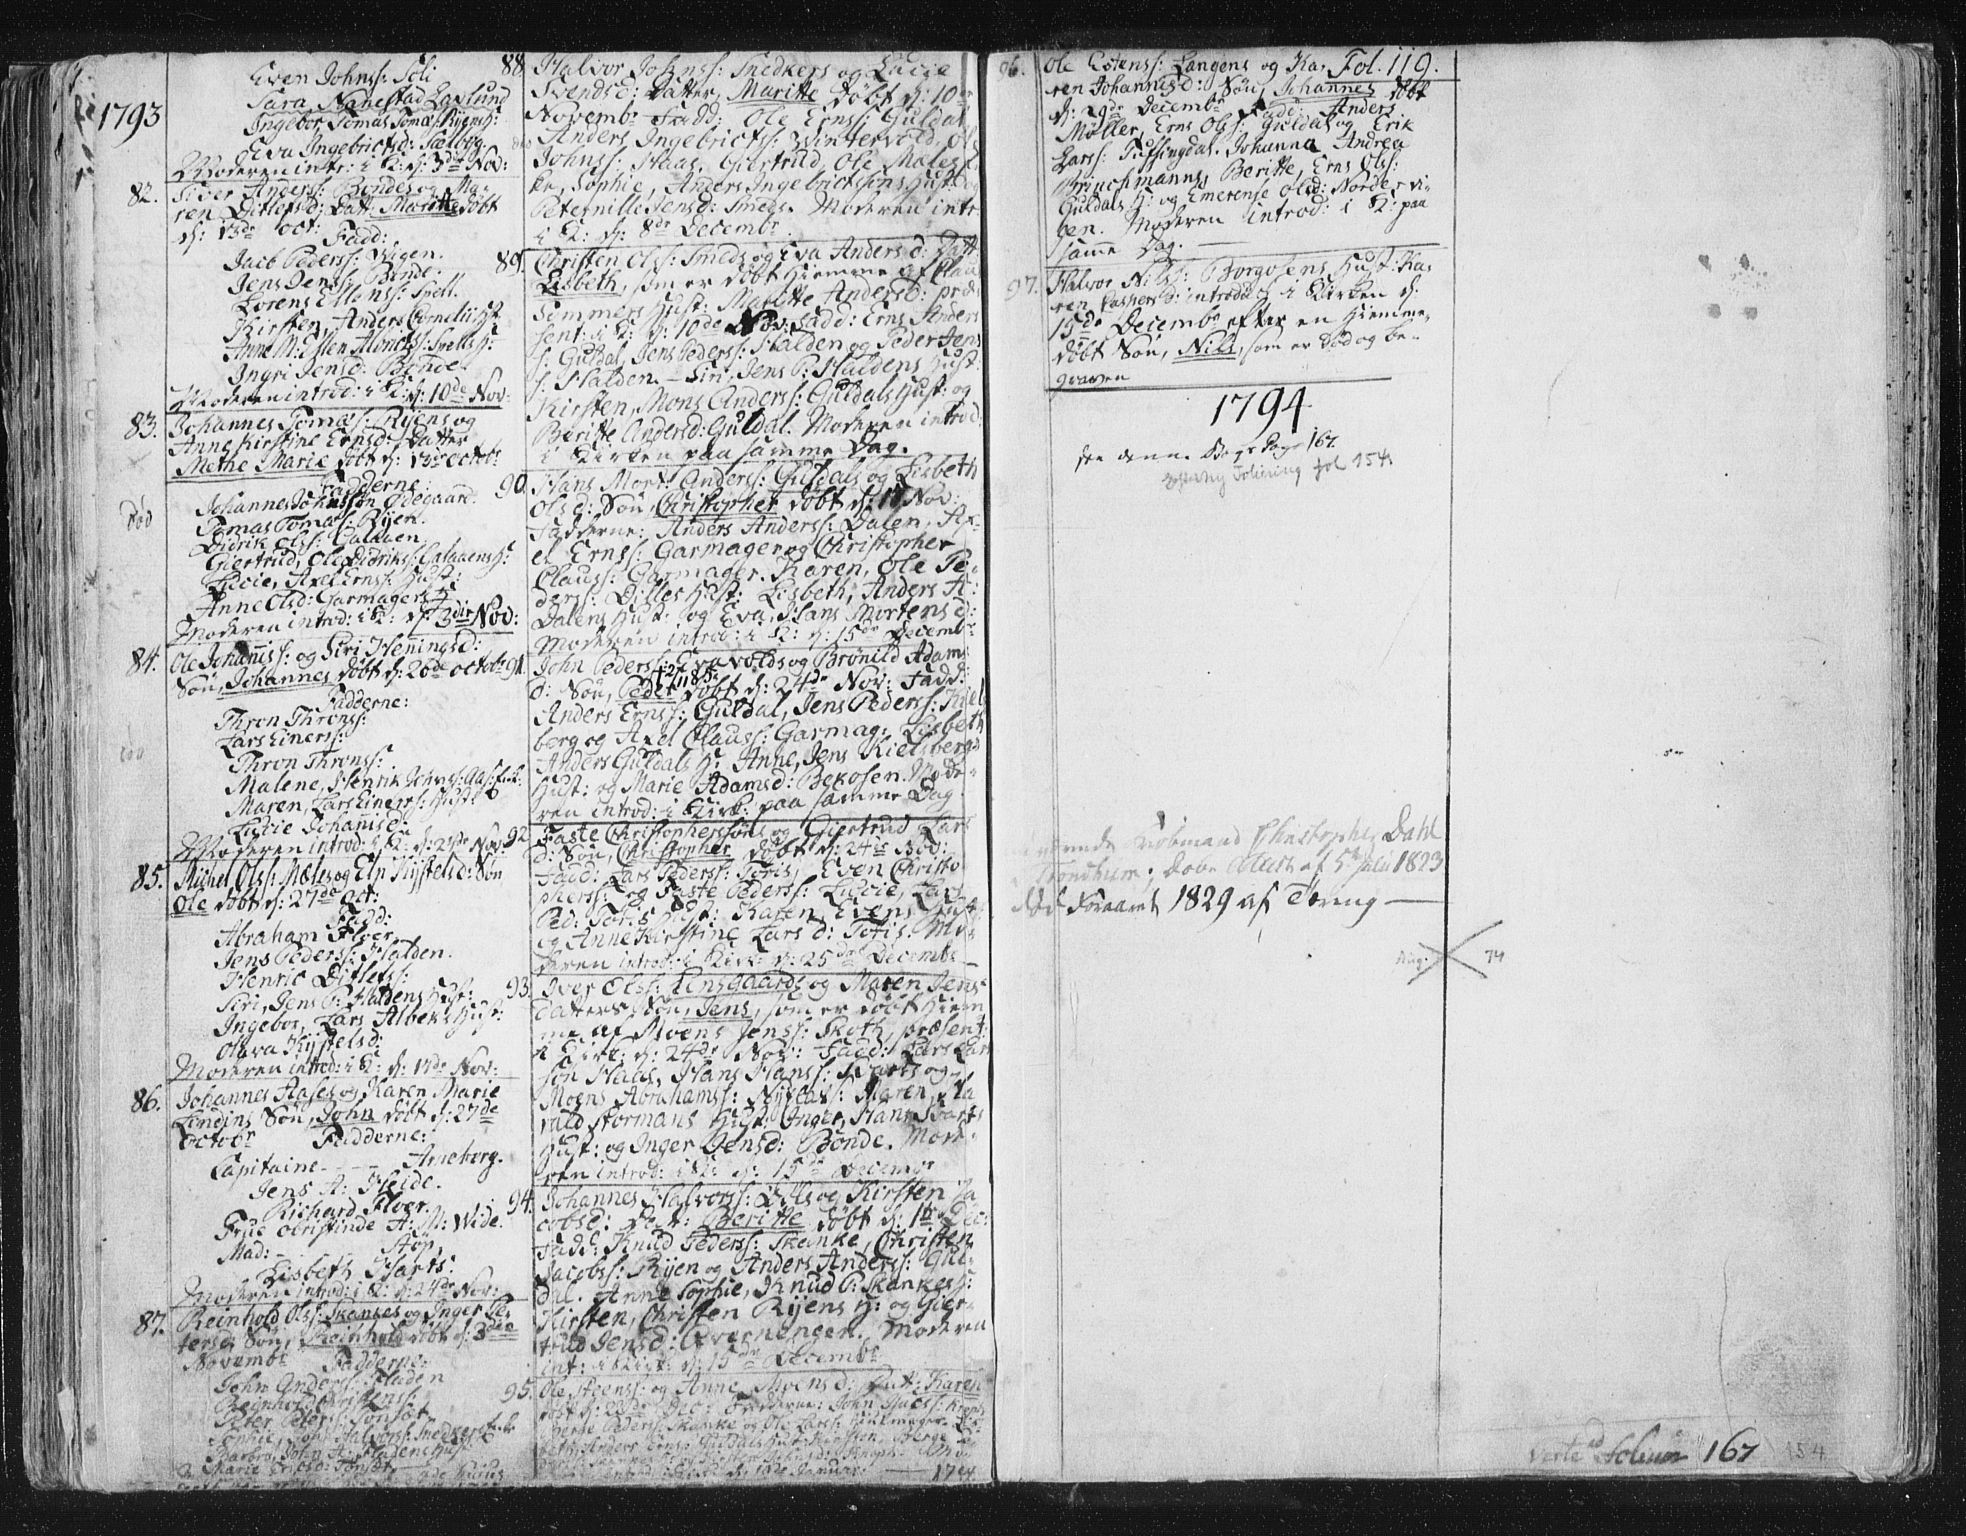 SAT, Ministerialprotokoller, klokkerbøker og fødselsregistre - Sør-Trøndelag, 681/L0926: Ministerialbok nr. 681A04, 1767-1797, s. 119